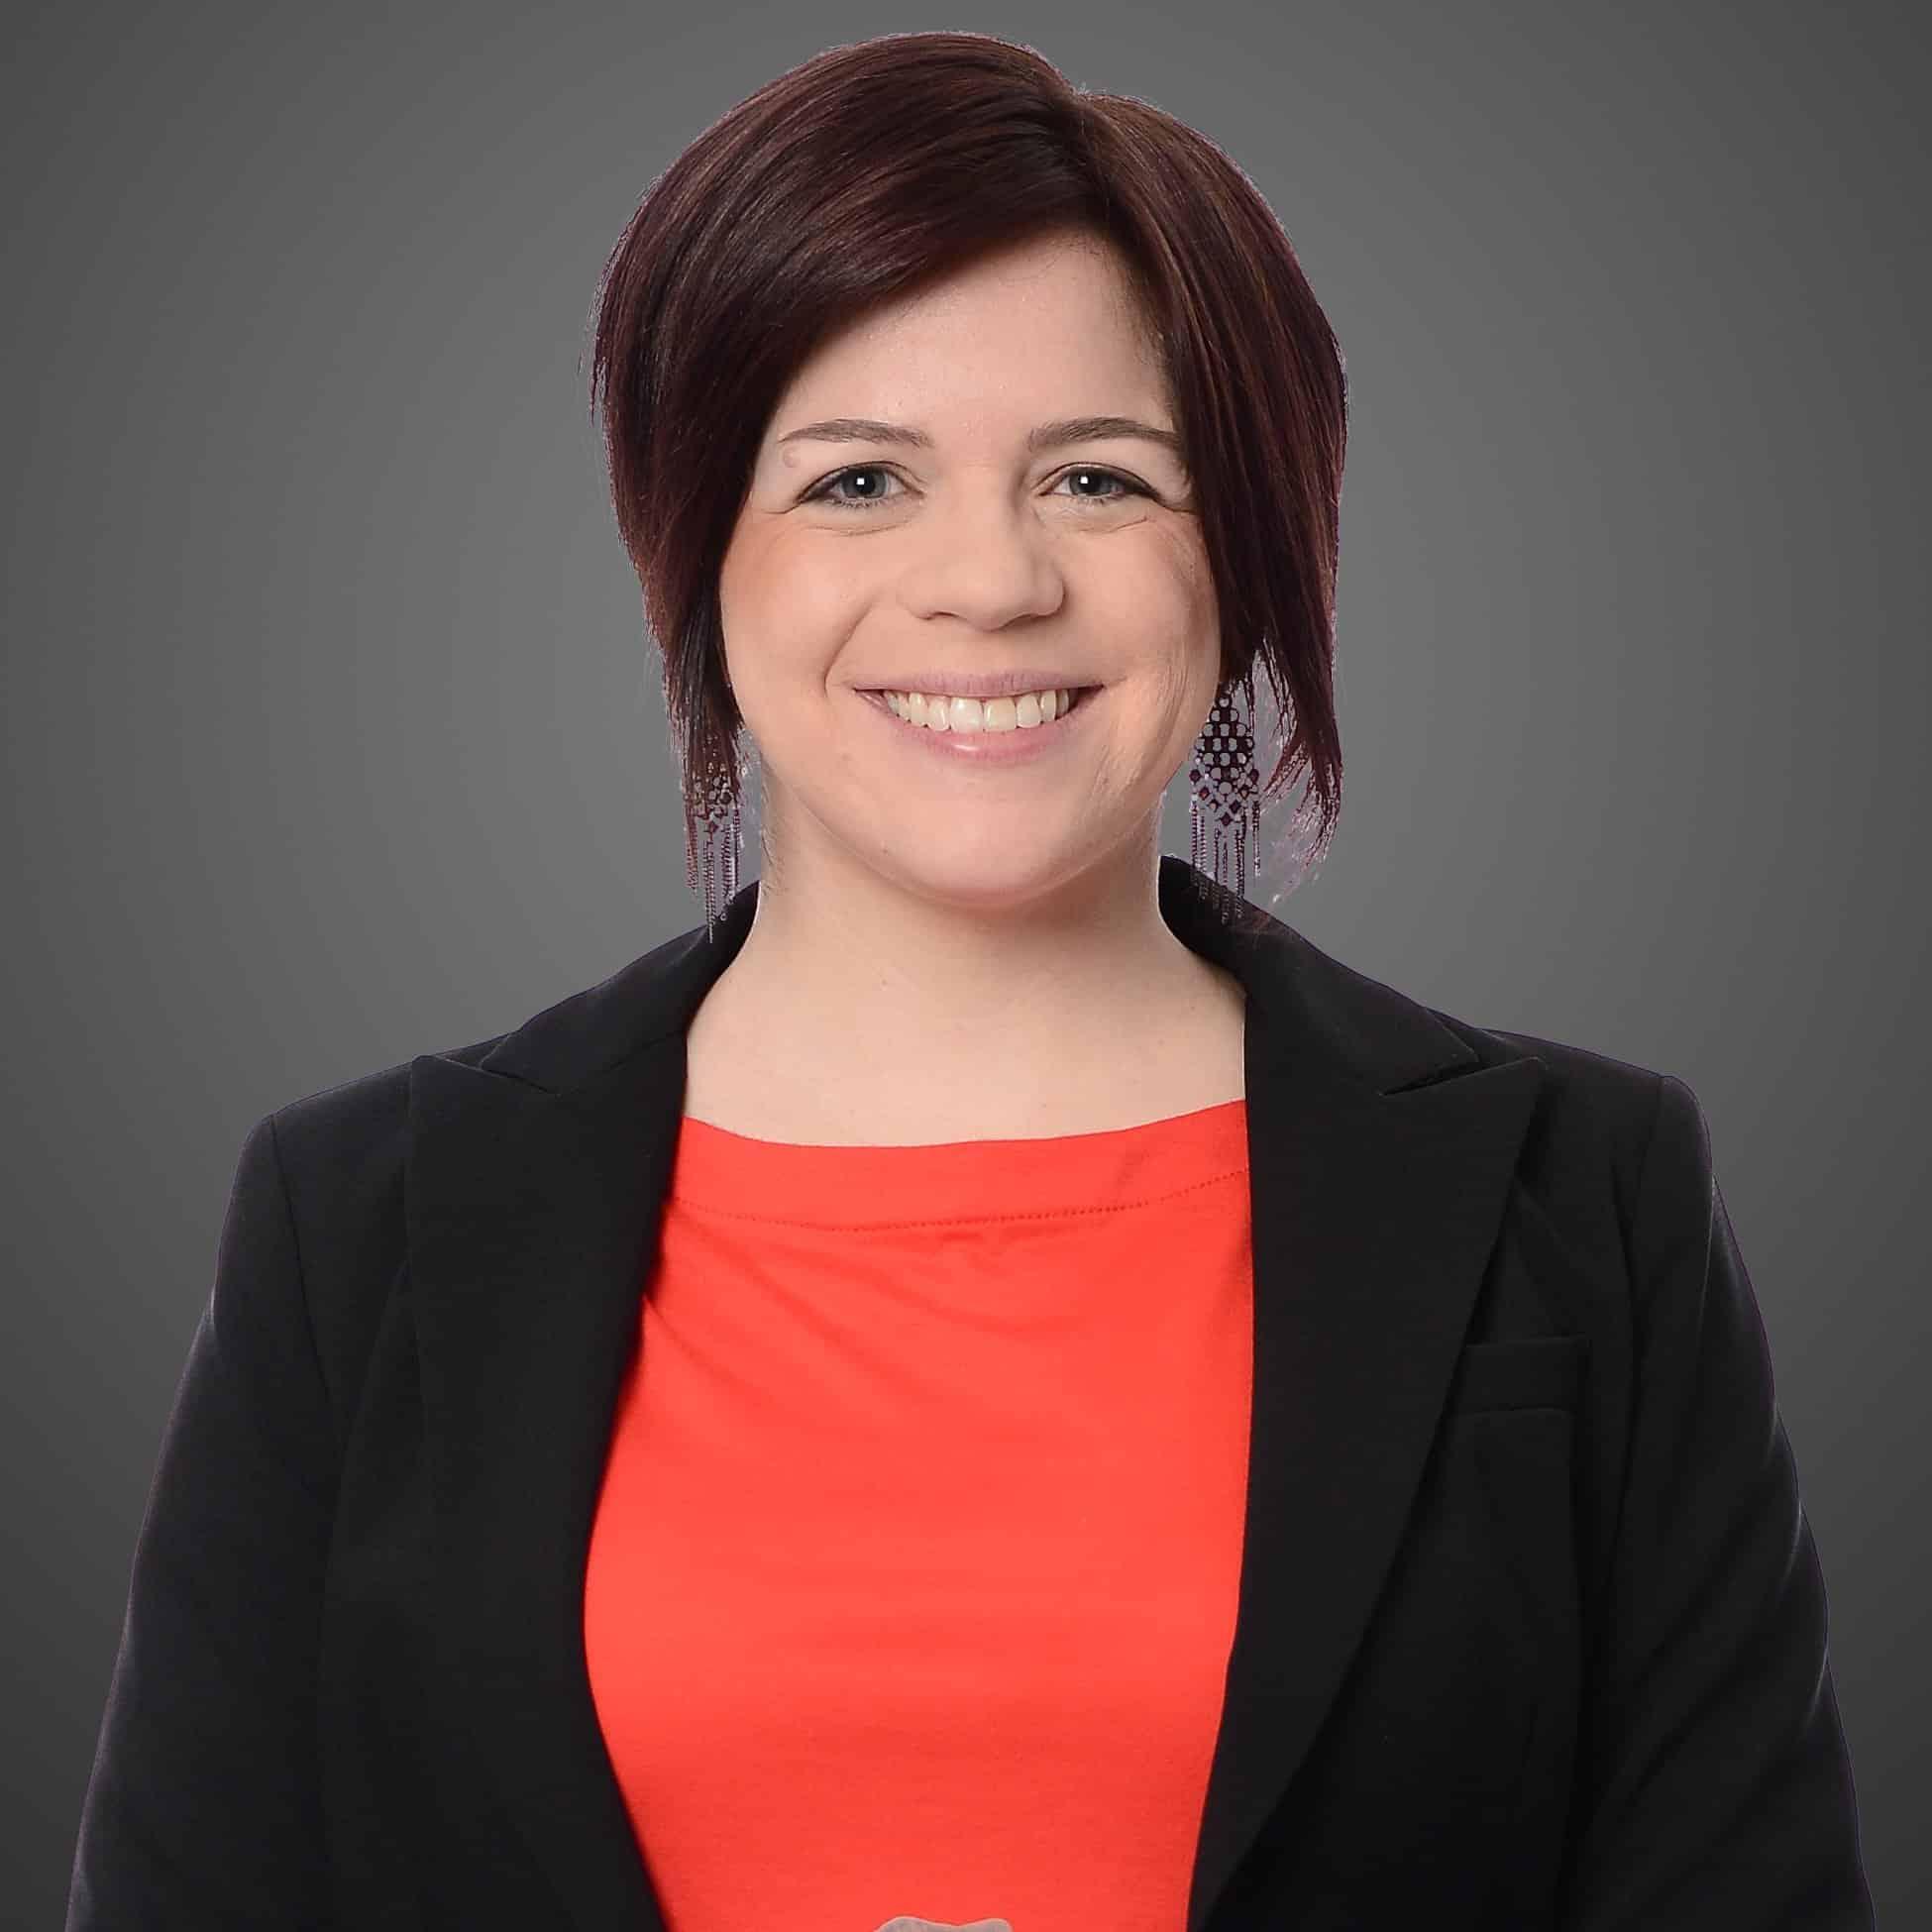 Becky Hrusovsky, CRIS, CISR